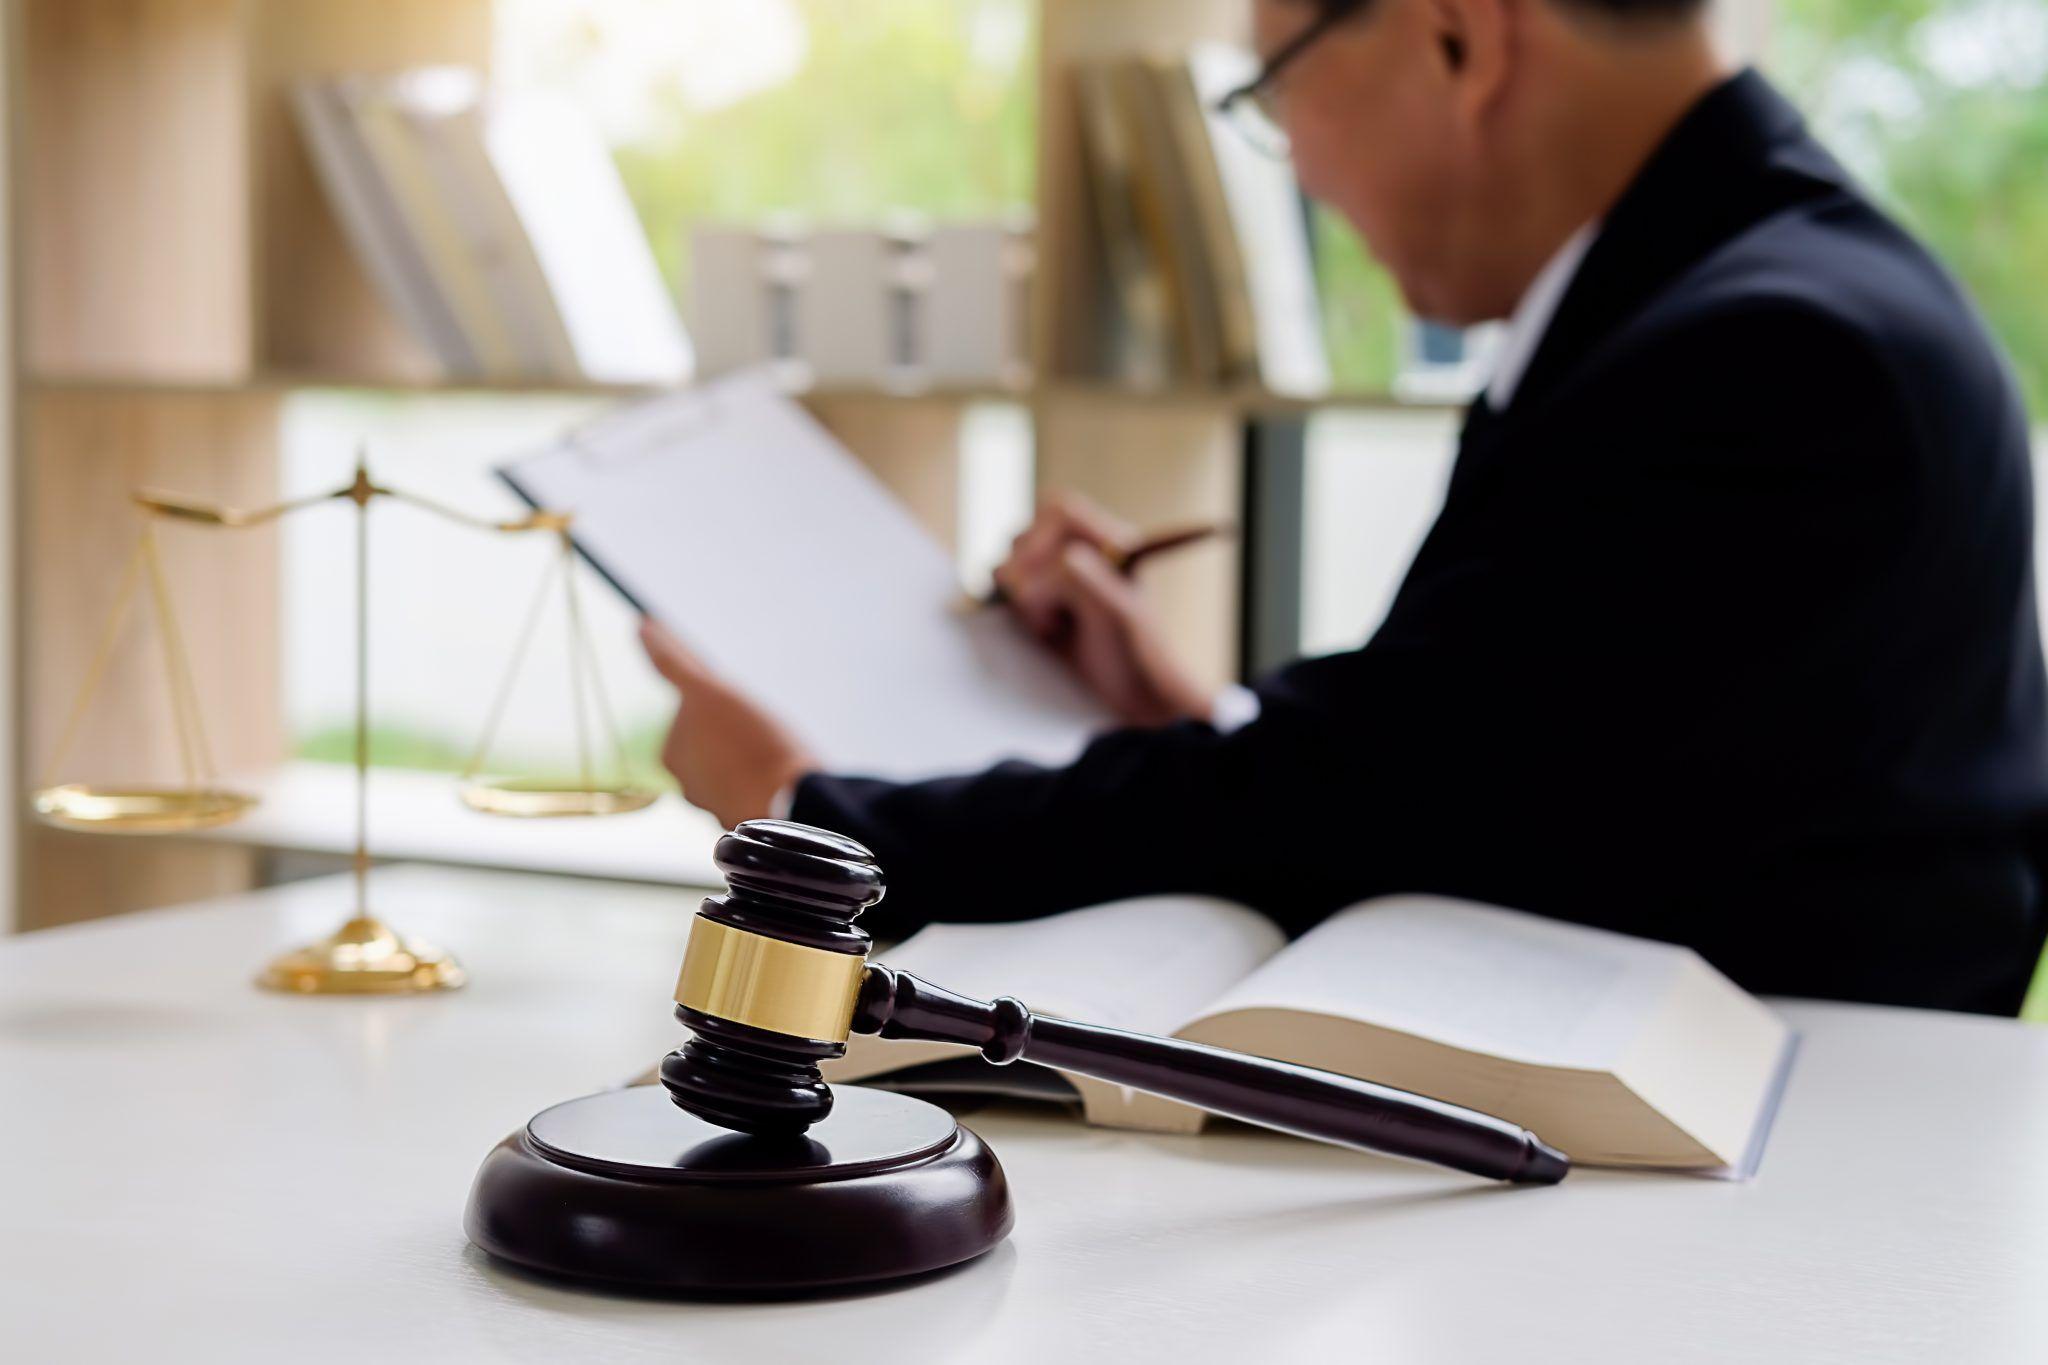 در طول پرونده ممکن است با خطرات احتمالی مواجه بشوید